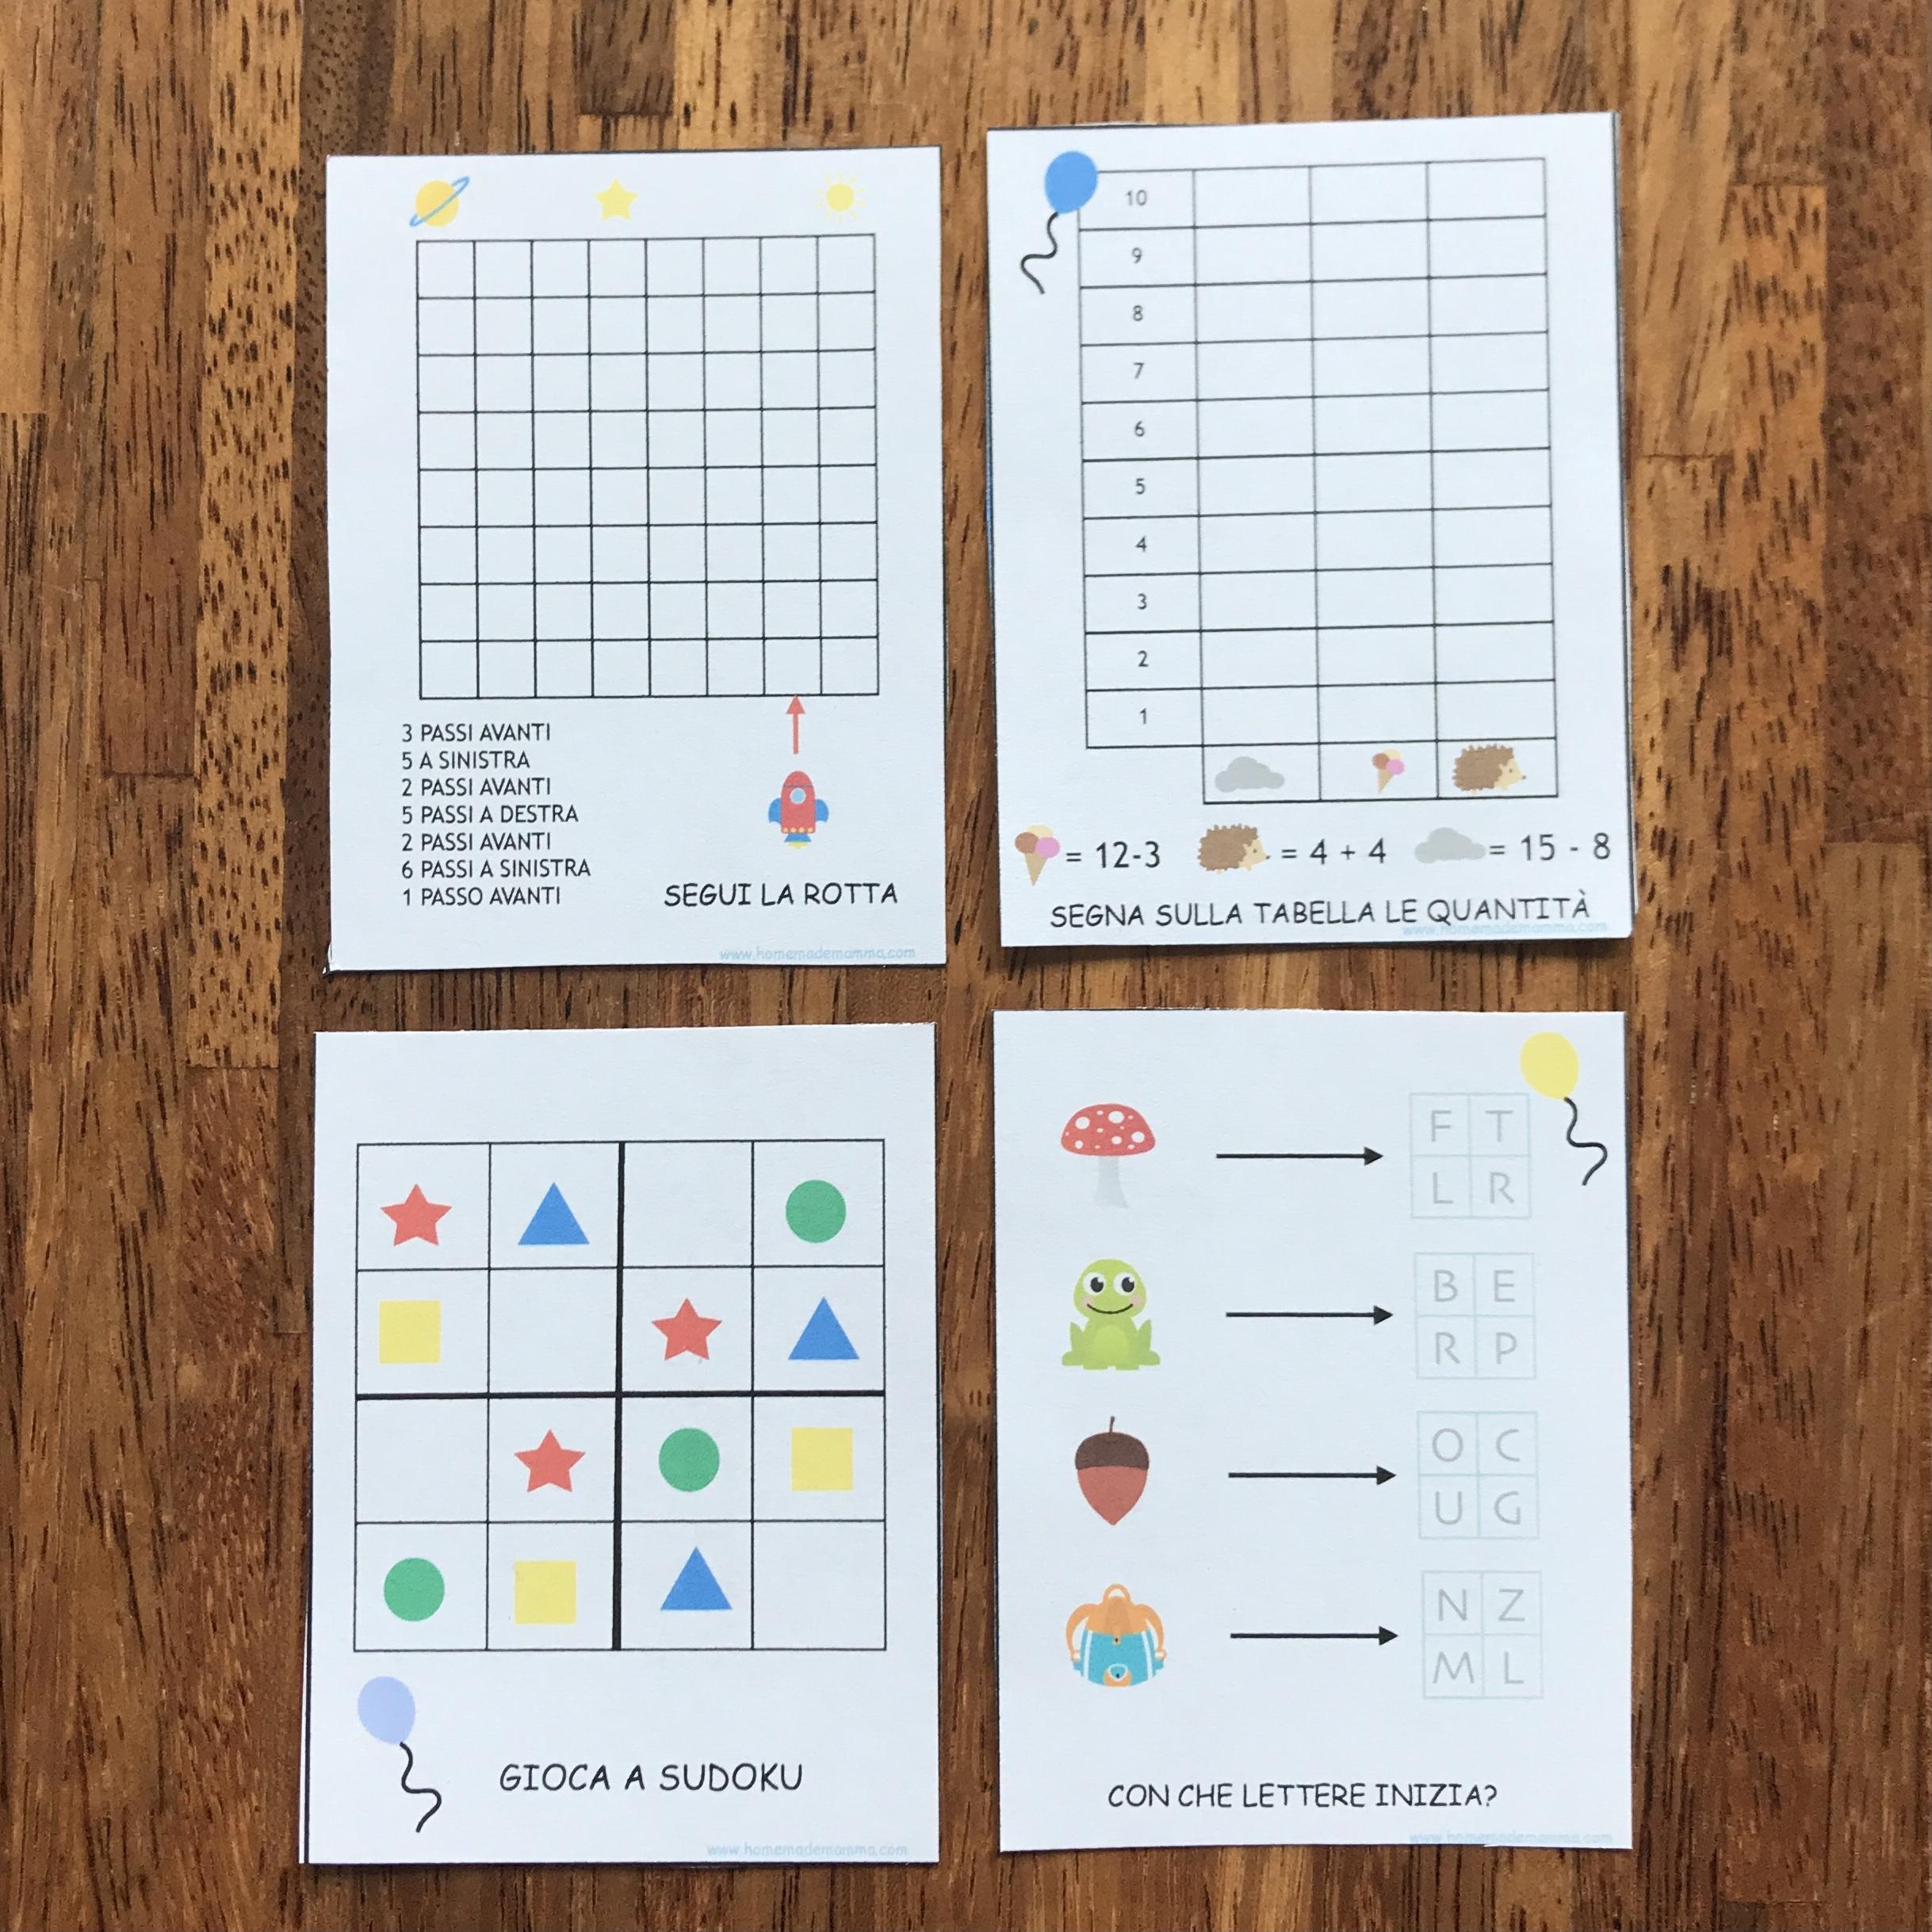 giochi attività bambini scuola primaria da stampare